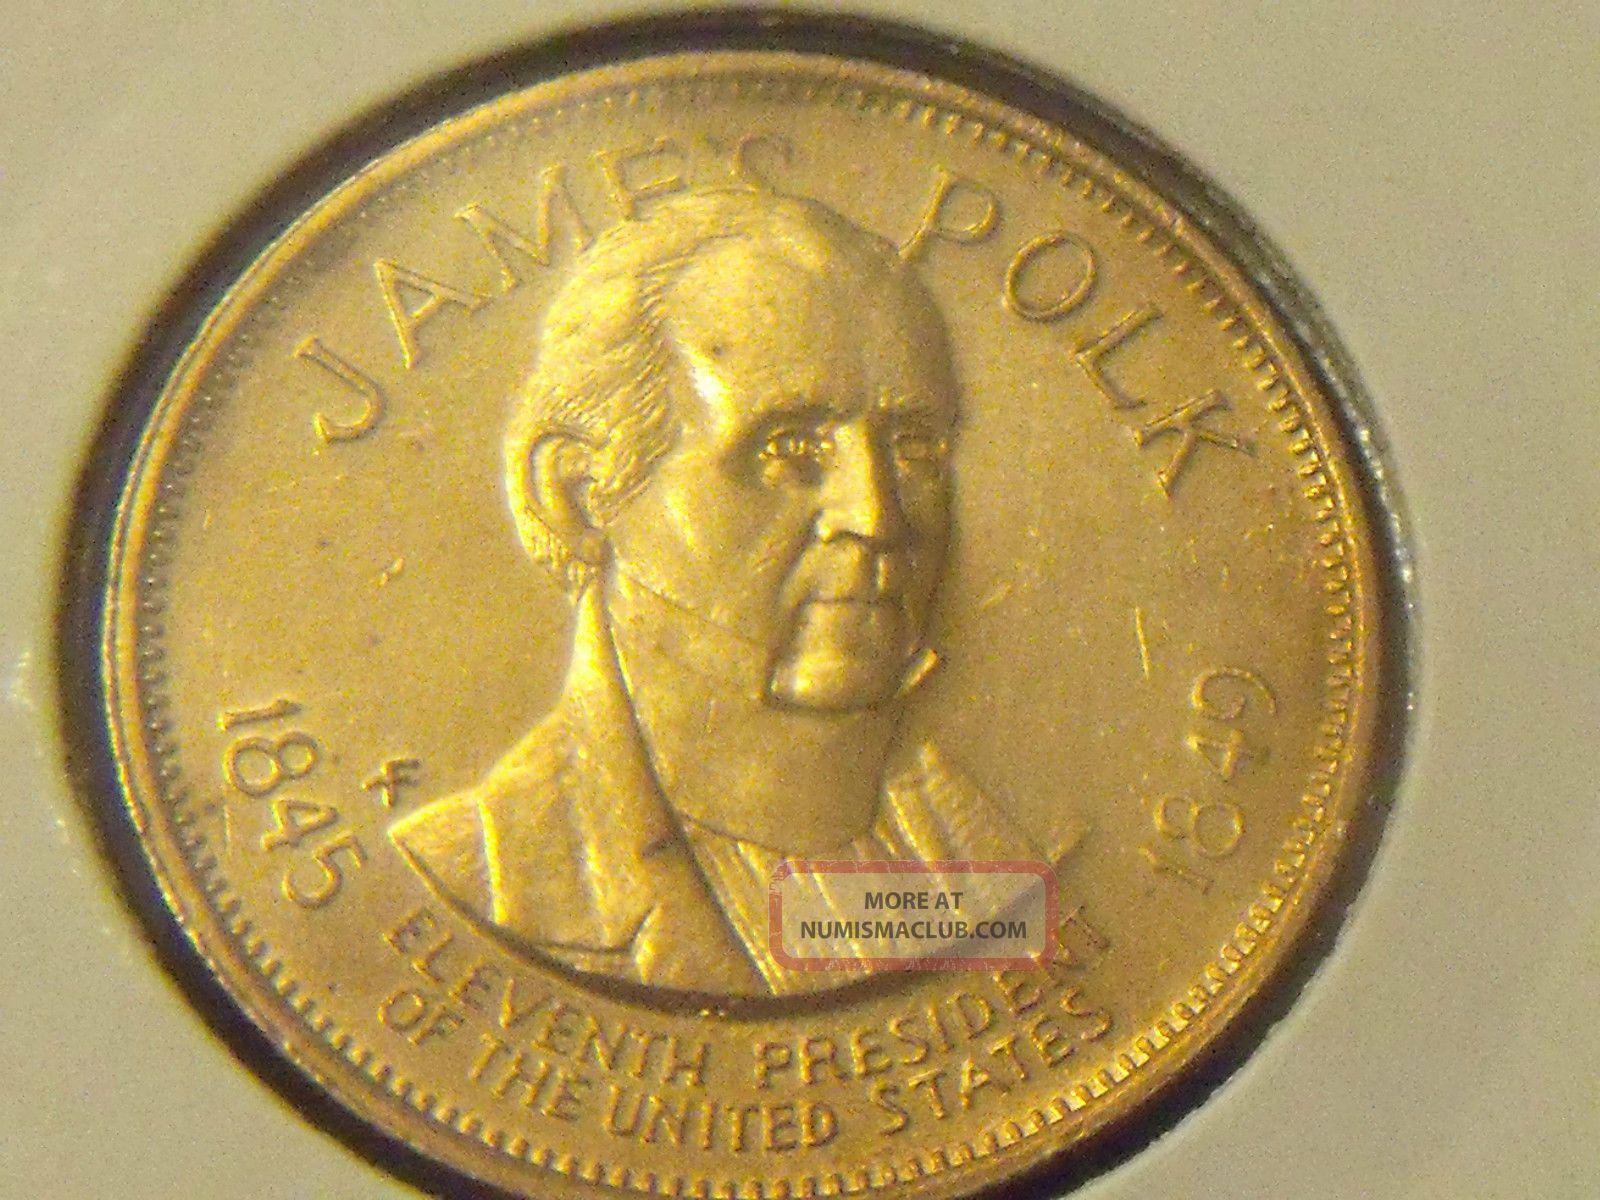 James Polk 1845 - 1849 President Medal - Bronze - Kp269 - See Pictures Exonumia photo